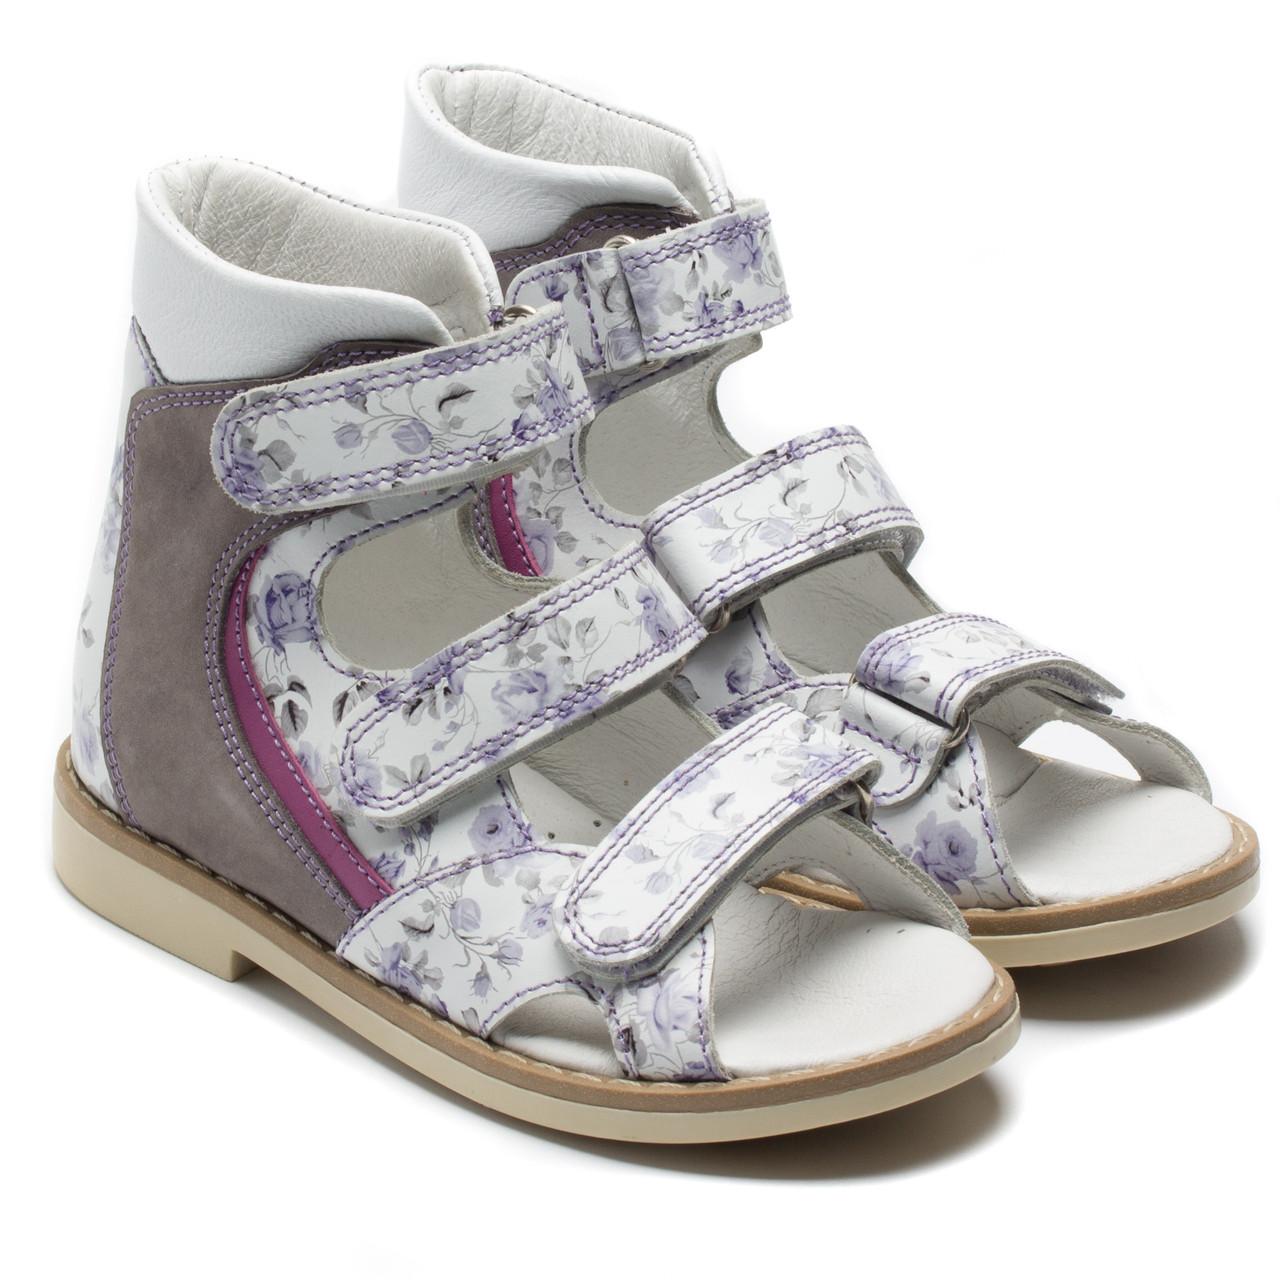 Босоножки FS Сollection кожаные для девочки, розовые, размер 20-30